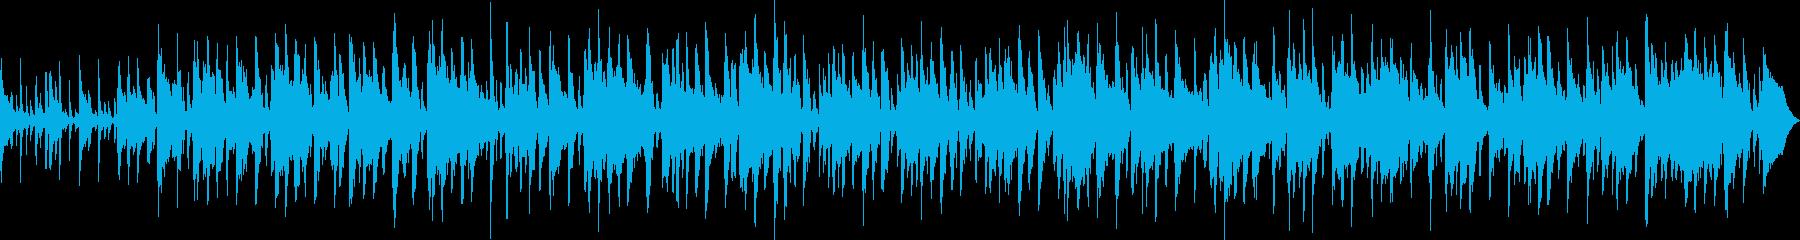 ブルージーなピアノとヒップドラムル...の再生済みの波形